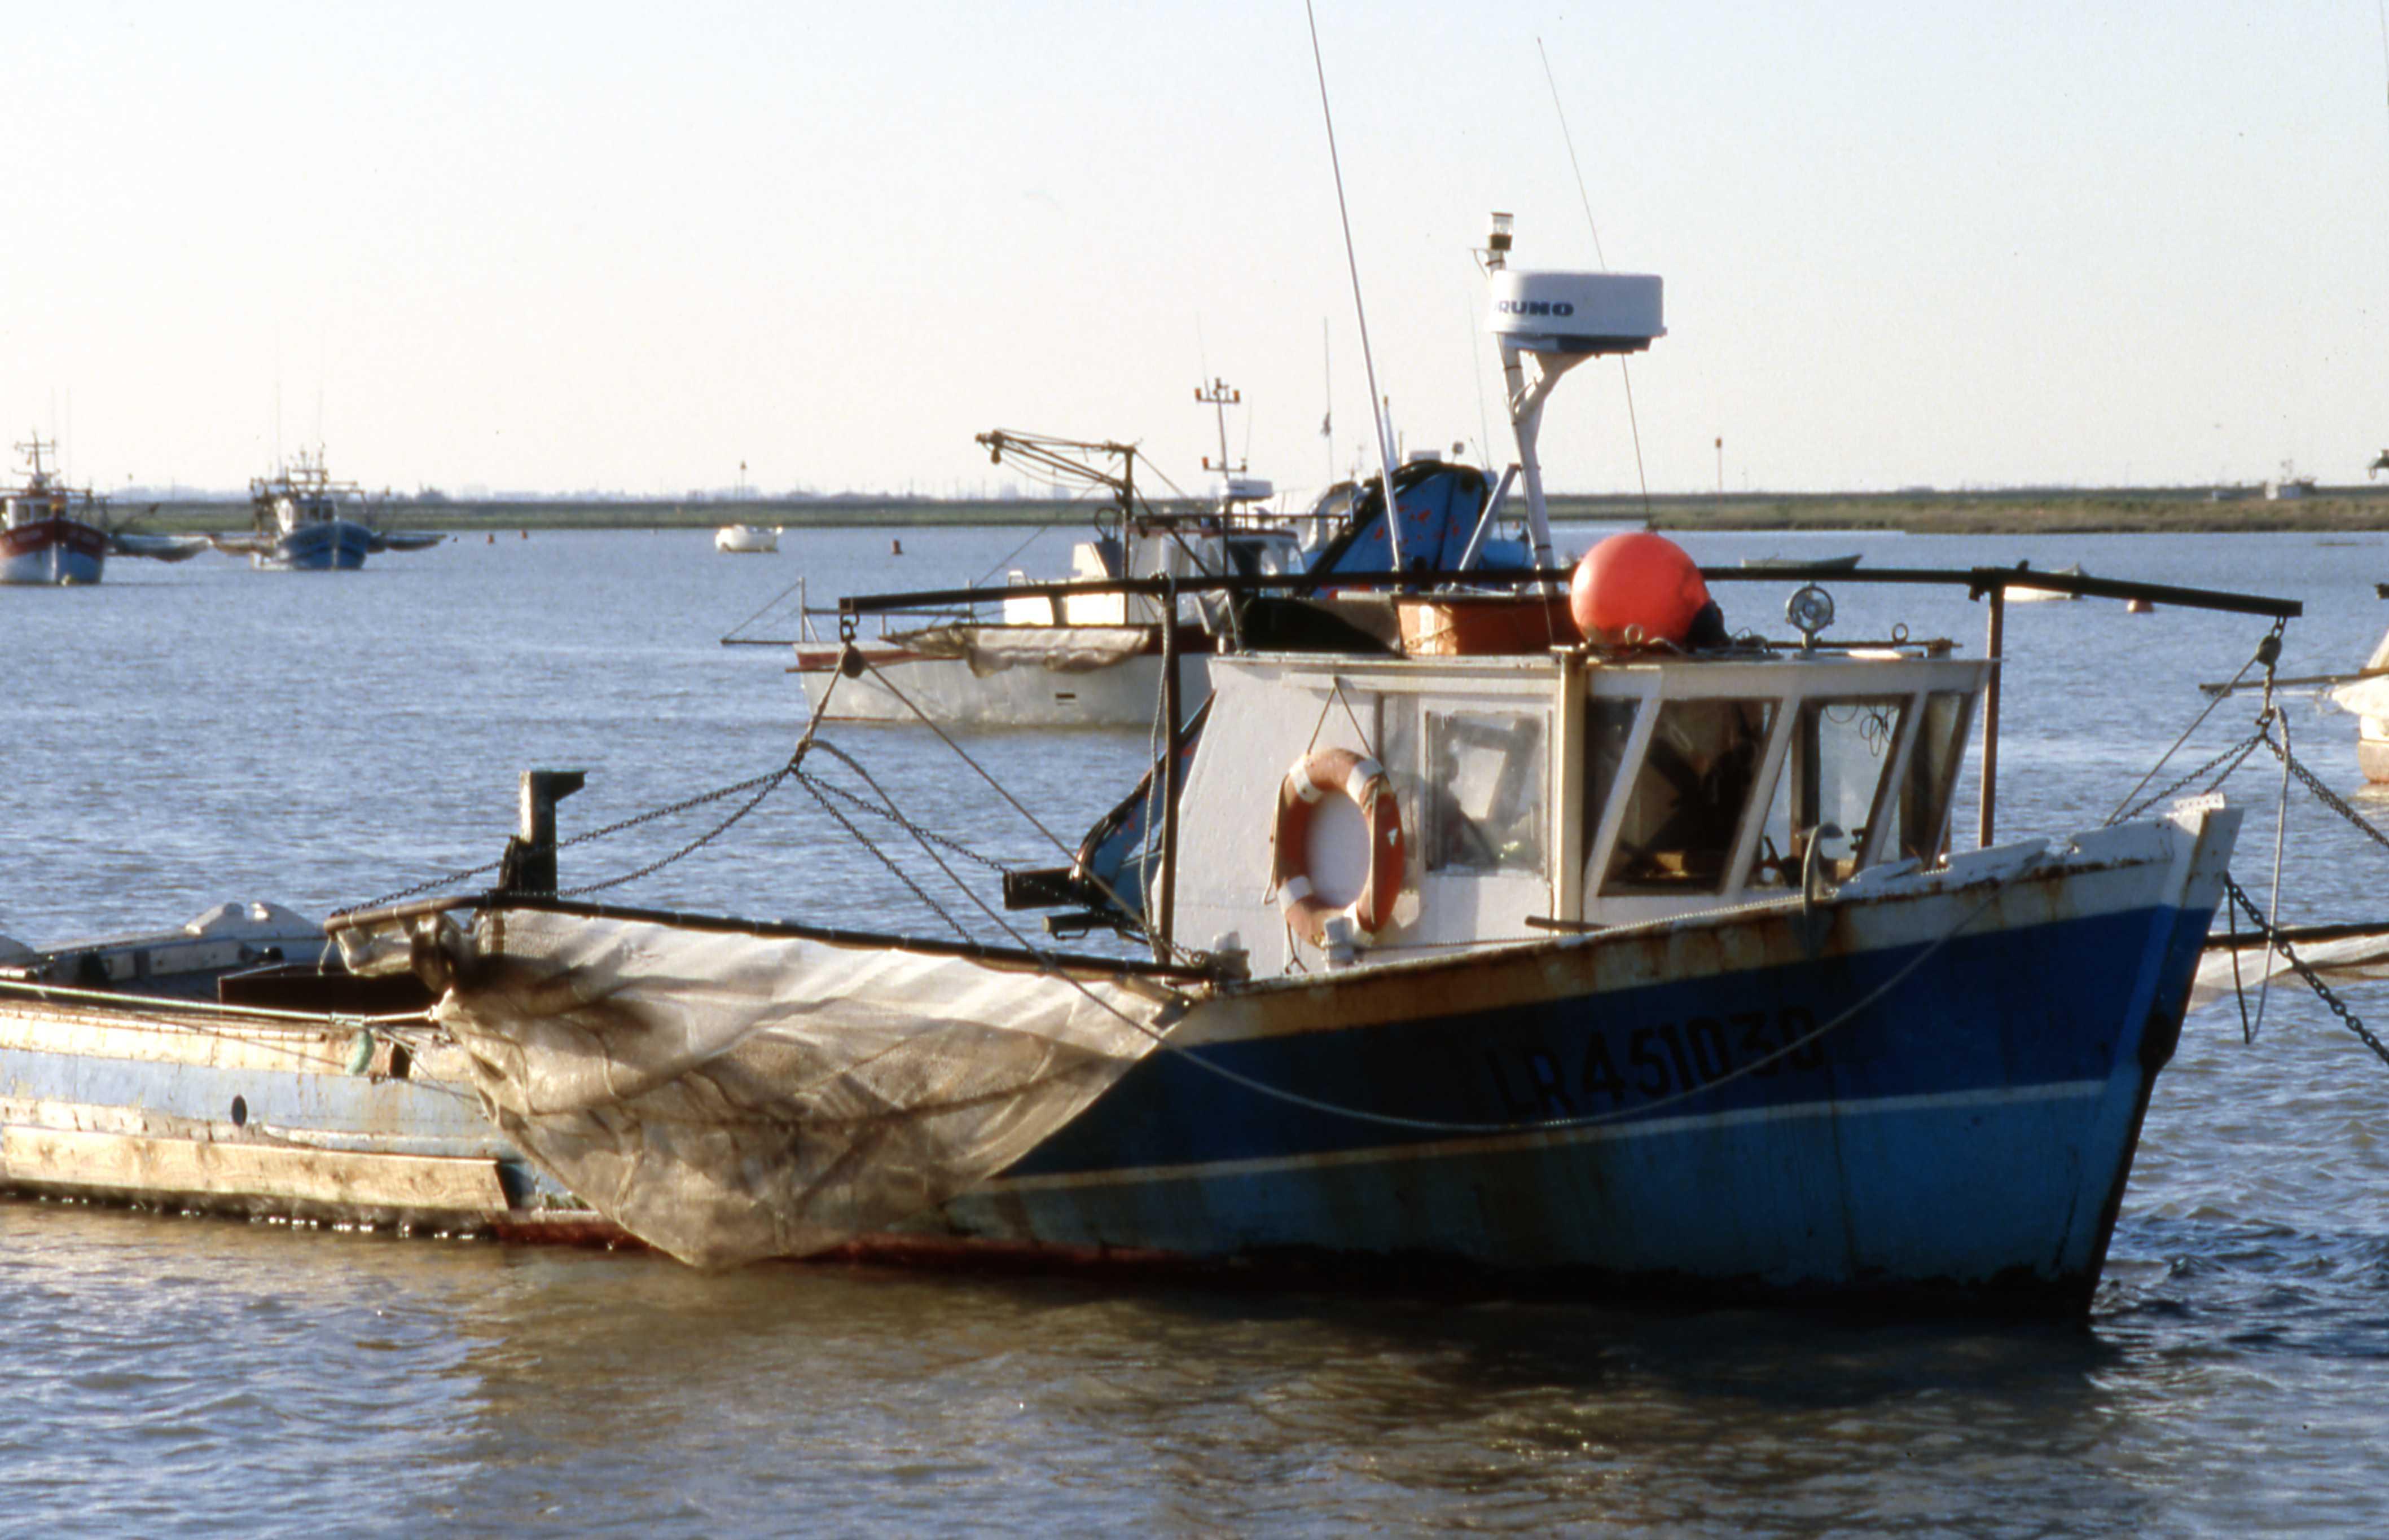 Acheter vesy pour la pêche à novosibirske